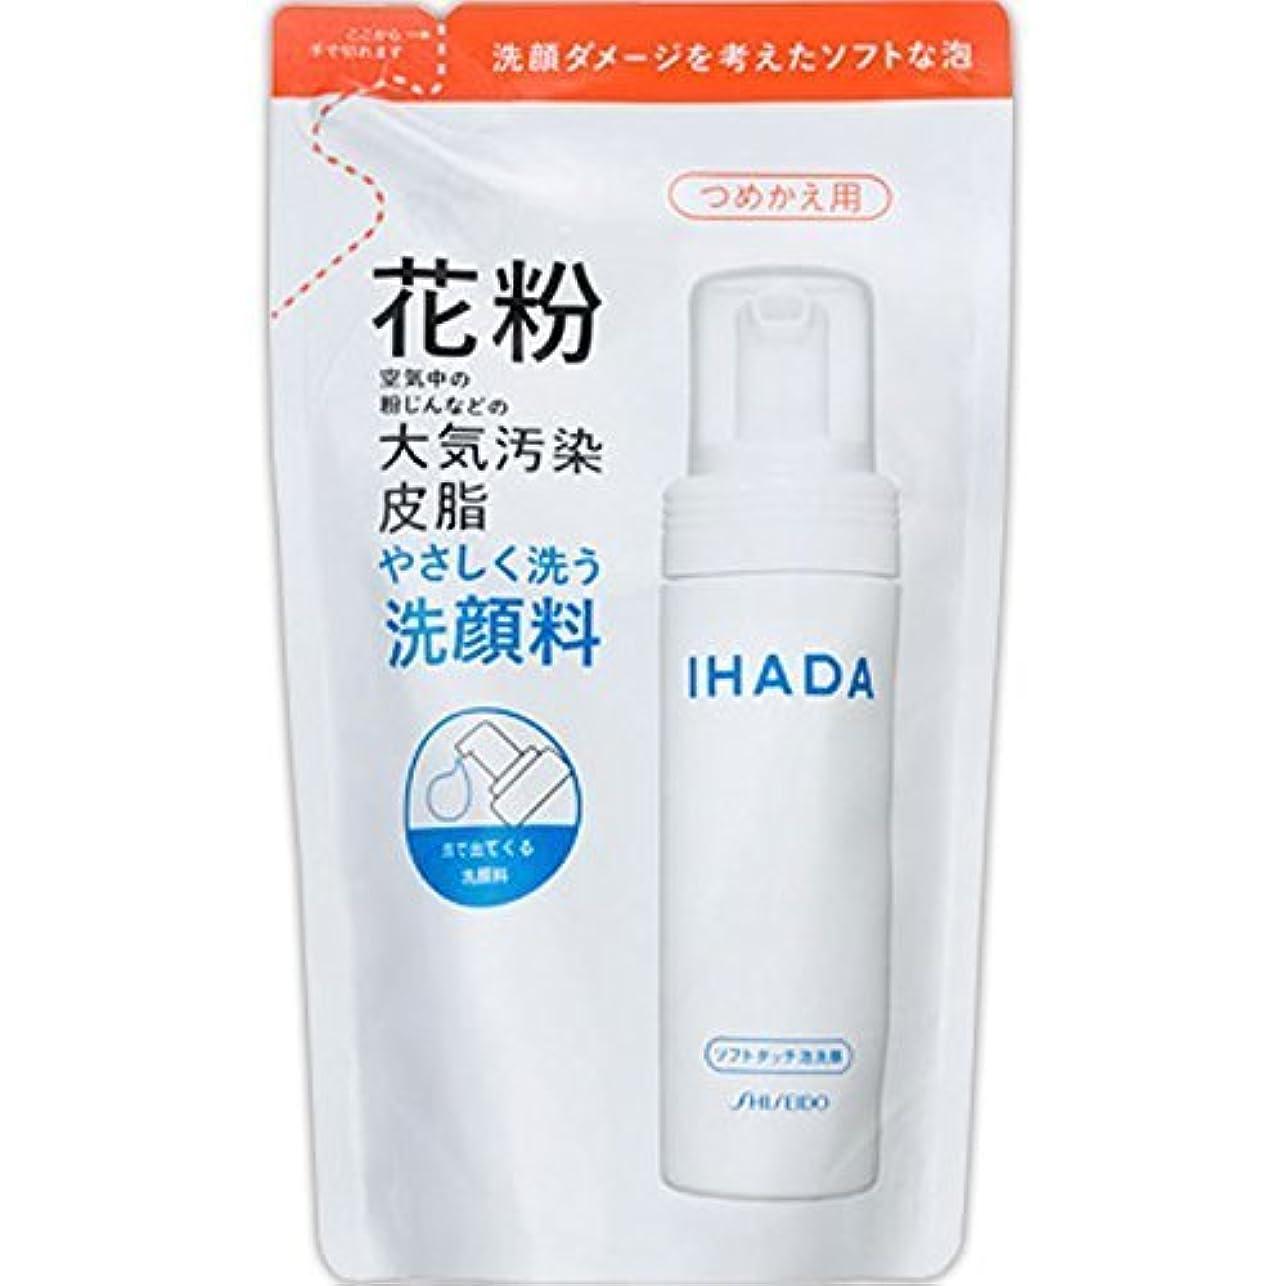 イハダ ソフトタッチ 洗顔料 つめかえ用 100ml